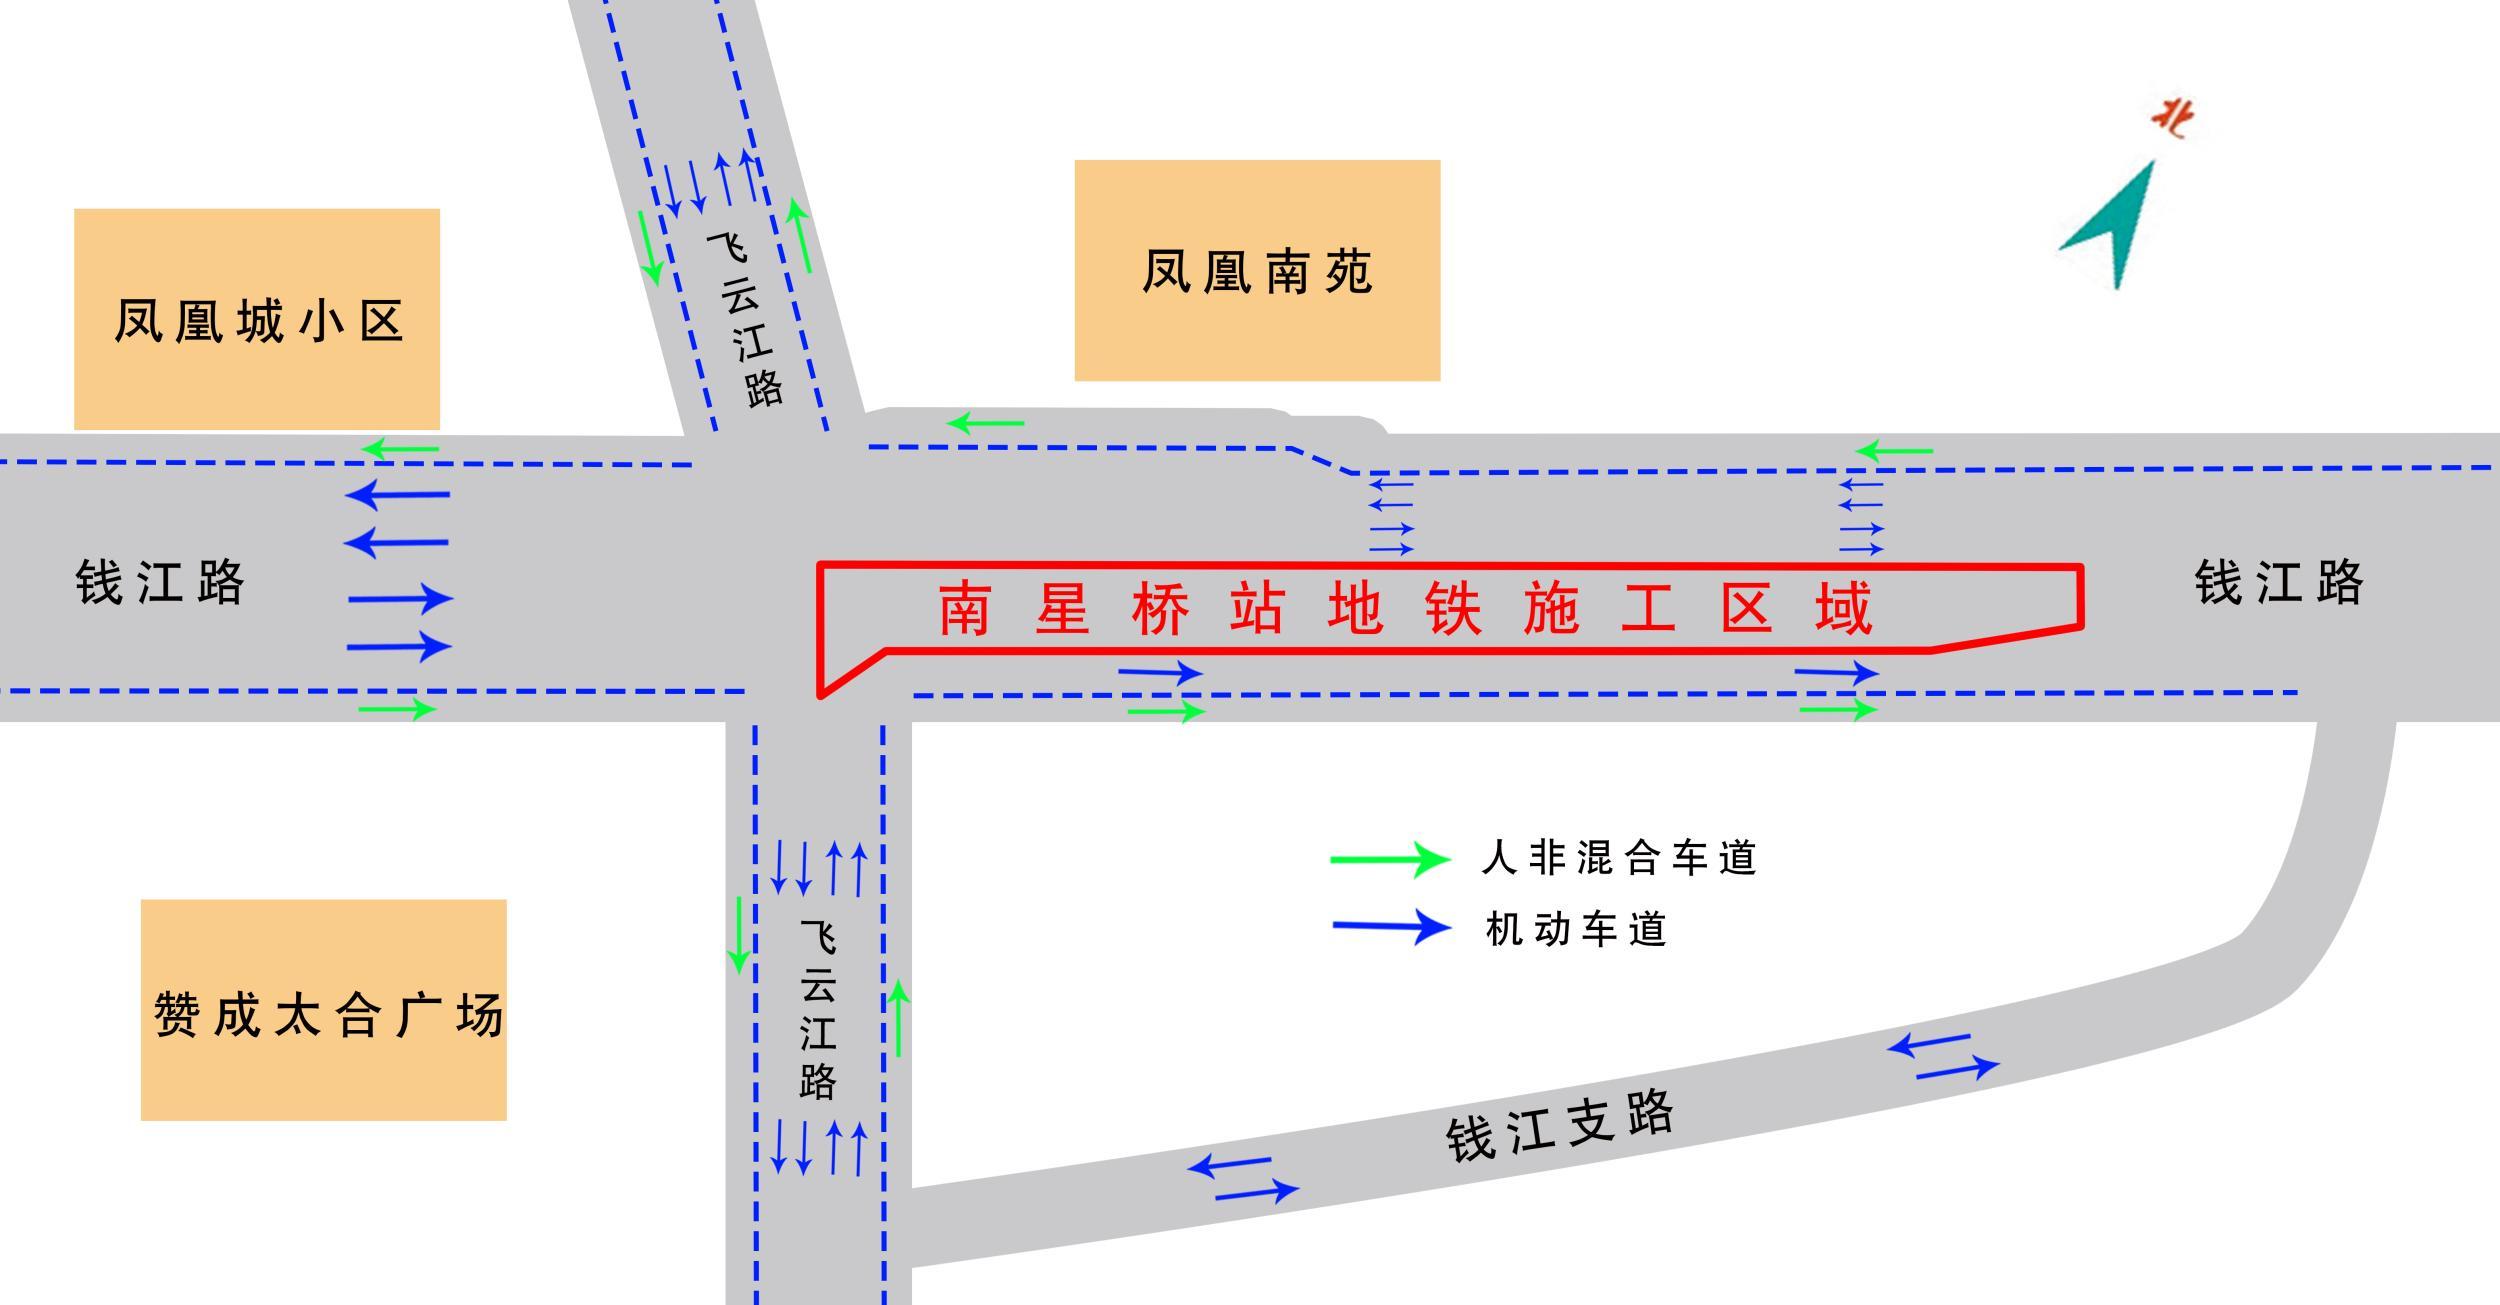 杭州图形4号线南星桥站开工首通段或2月上旬cad命令v图形地铁图片